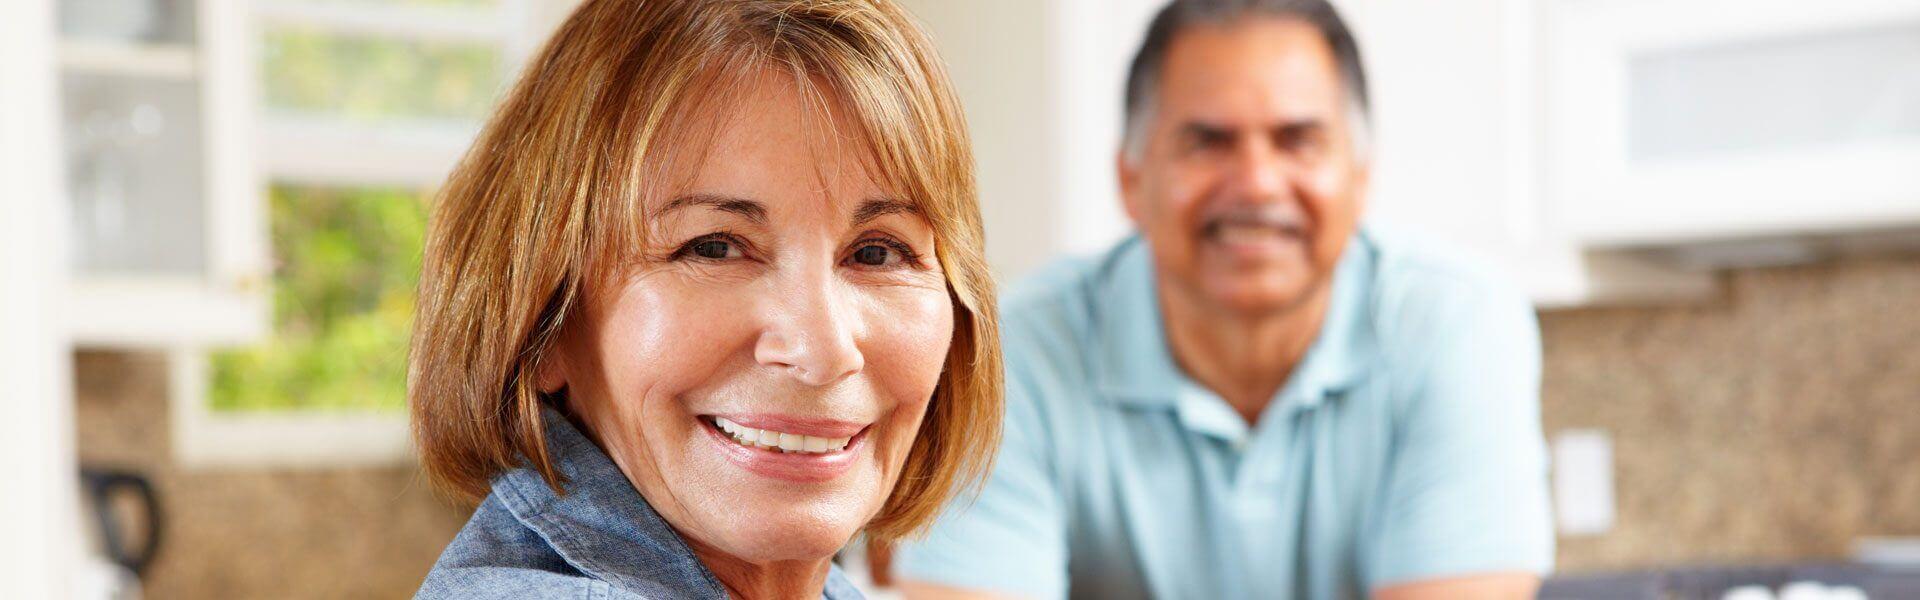 Benefits of Choosing Dental Implants